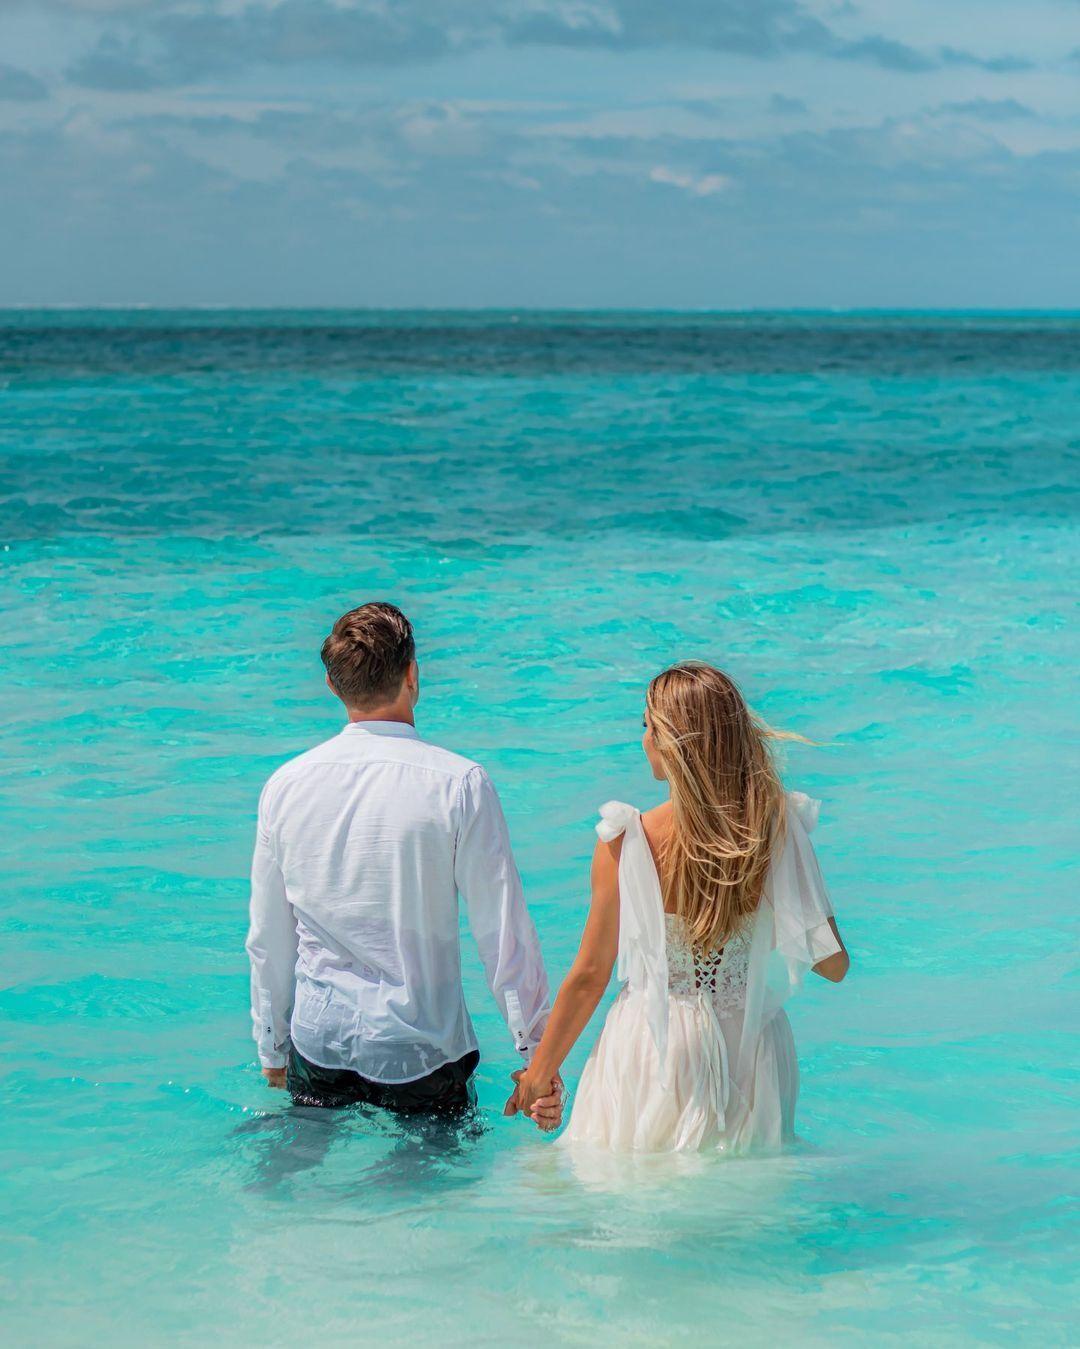 Анжелика Терлюга с мужем в море.